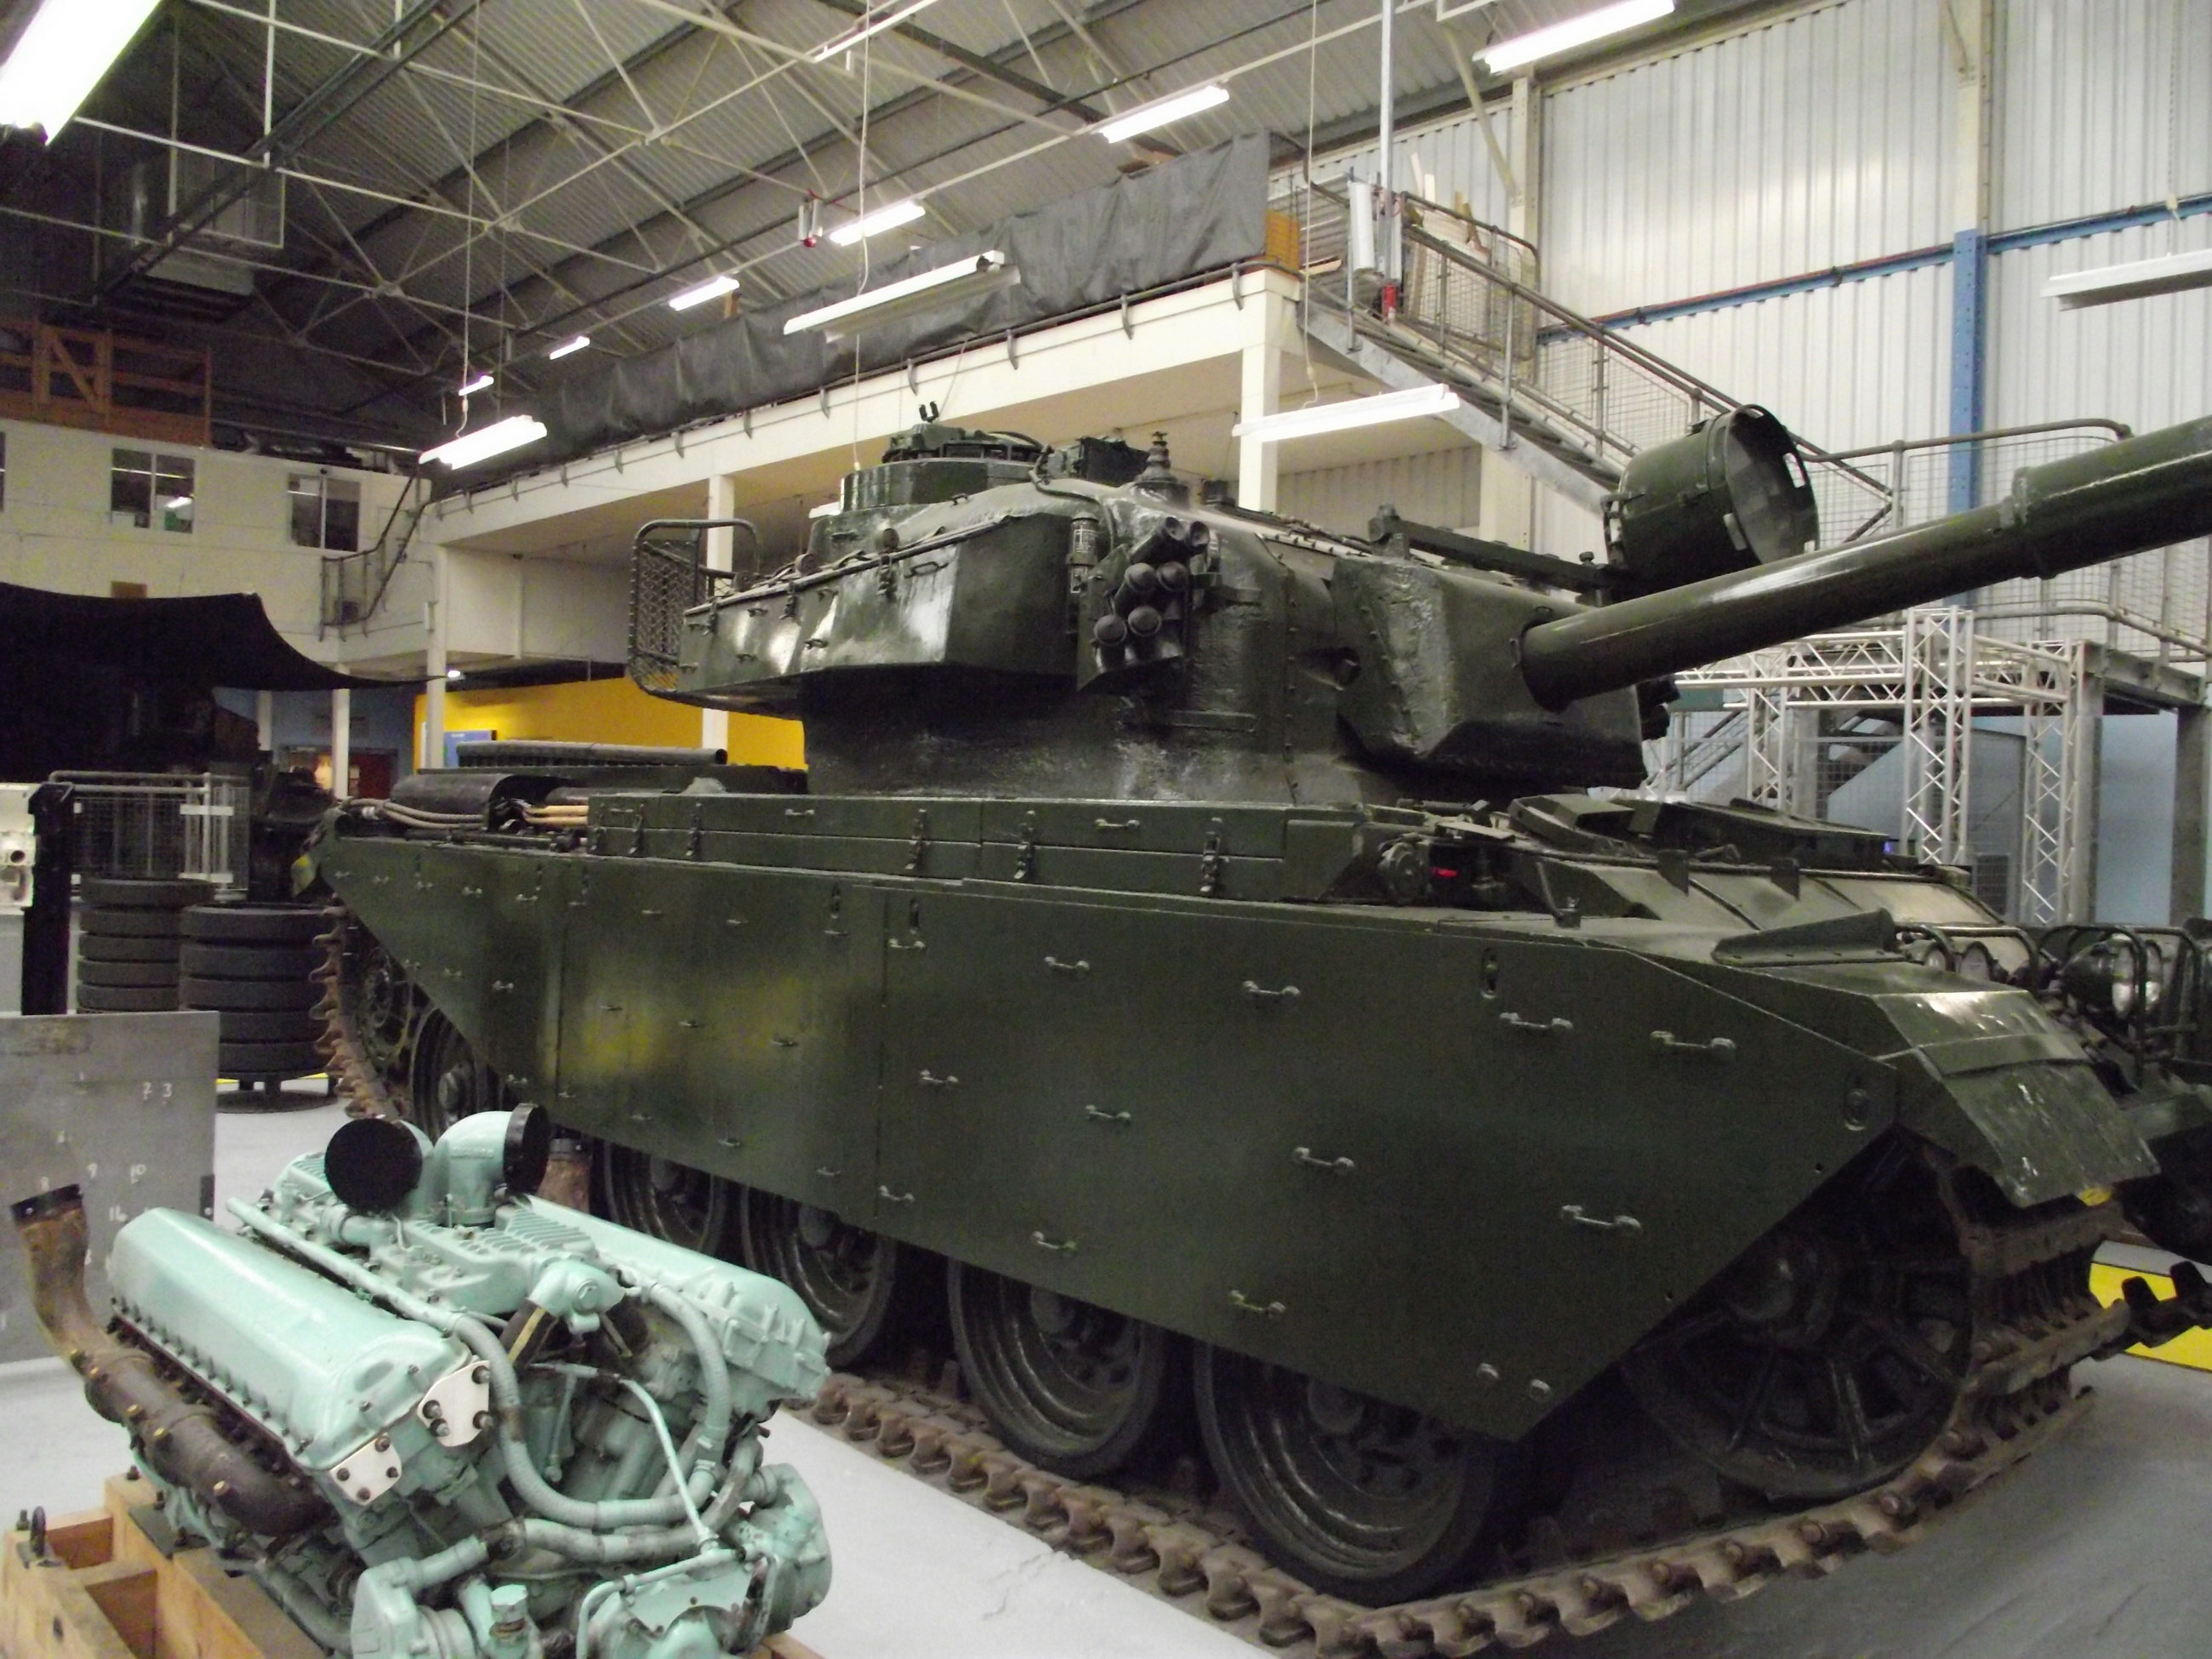 Tank_Museum_20180919_237.jpg